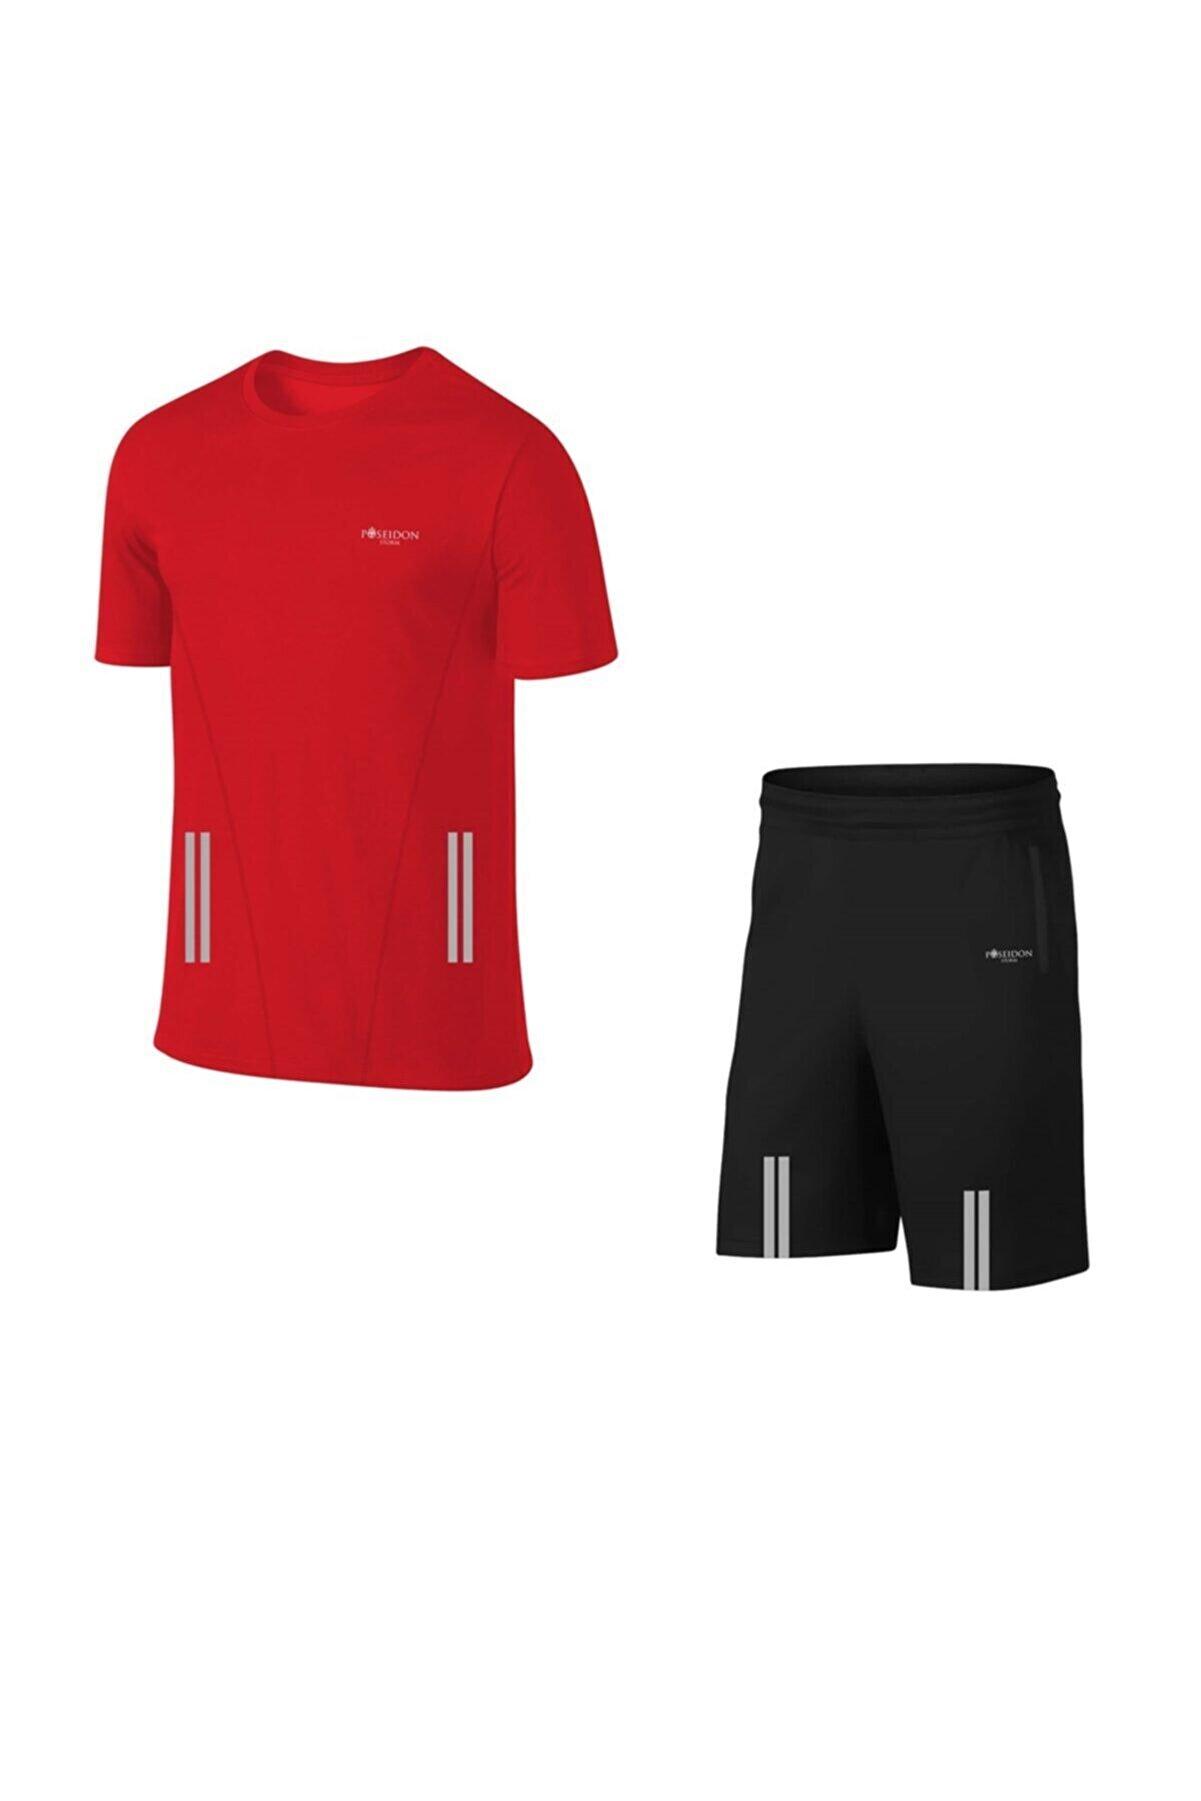 POSEIDONSTORM Erkek Kırmızı Büyük Beden Günlük Sporcu Tişört Ve Şort Takımı